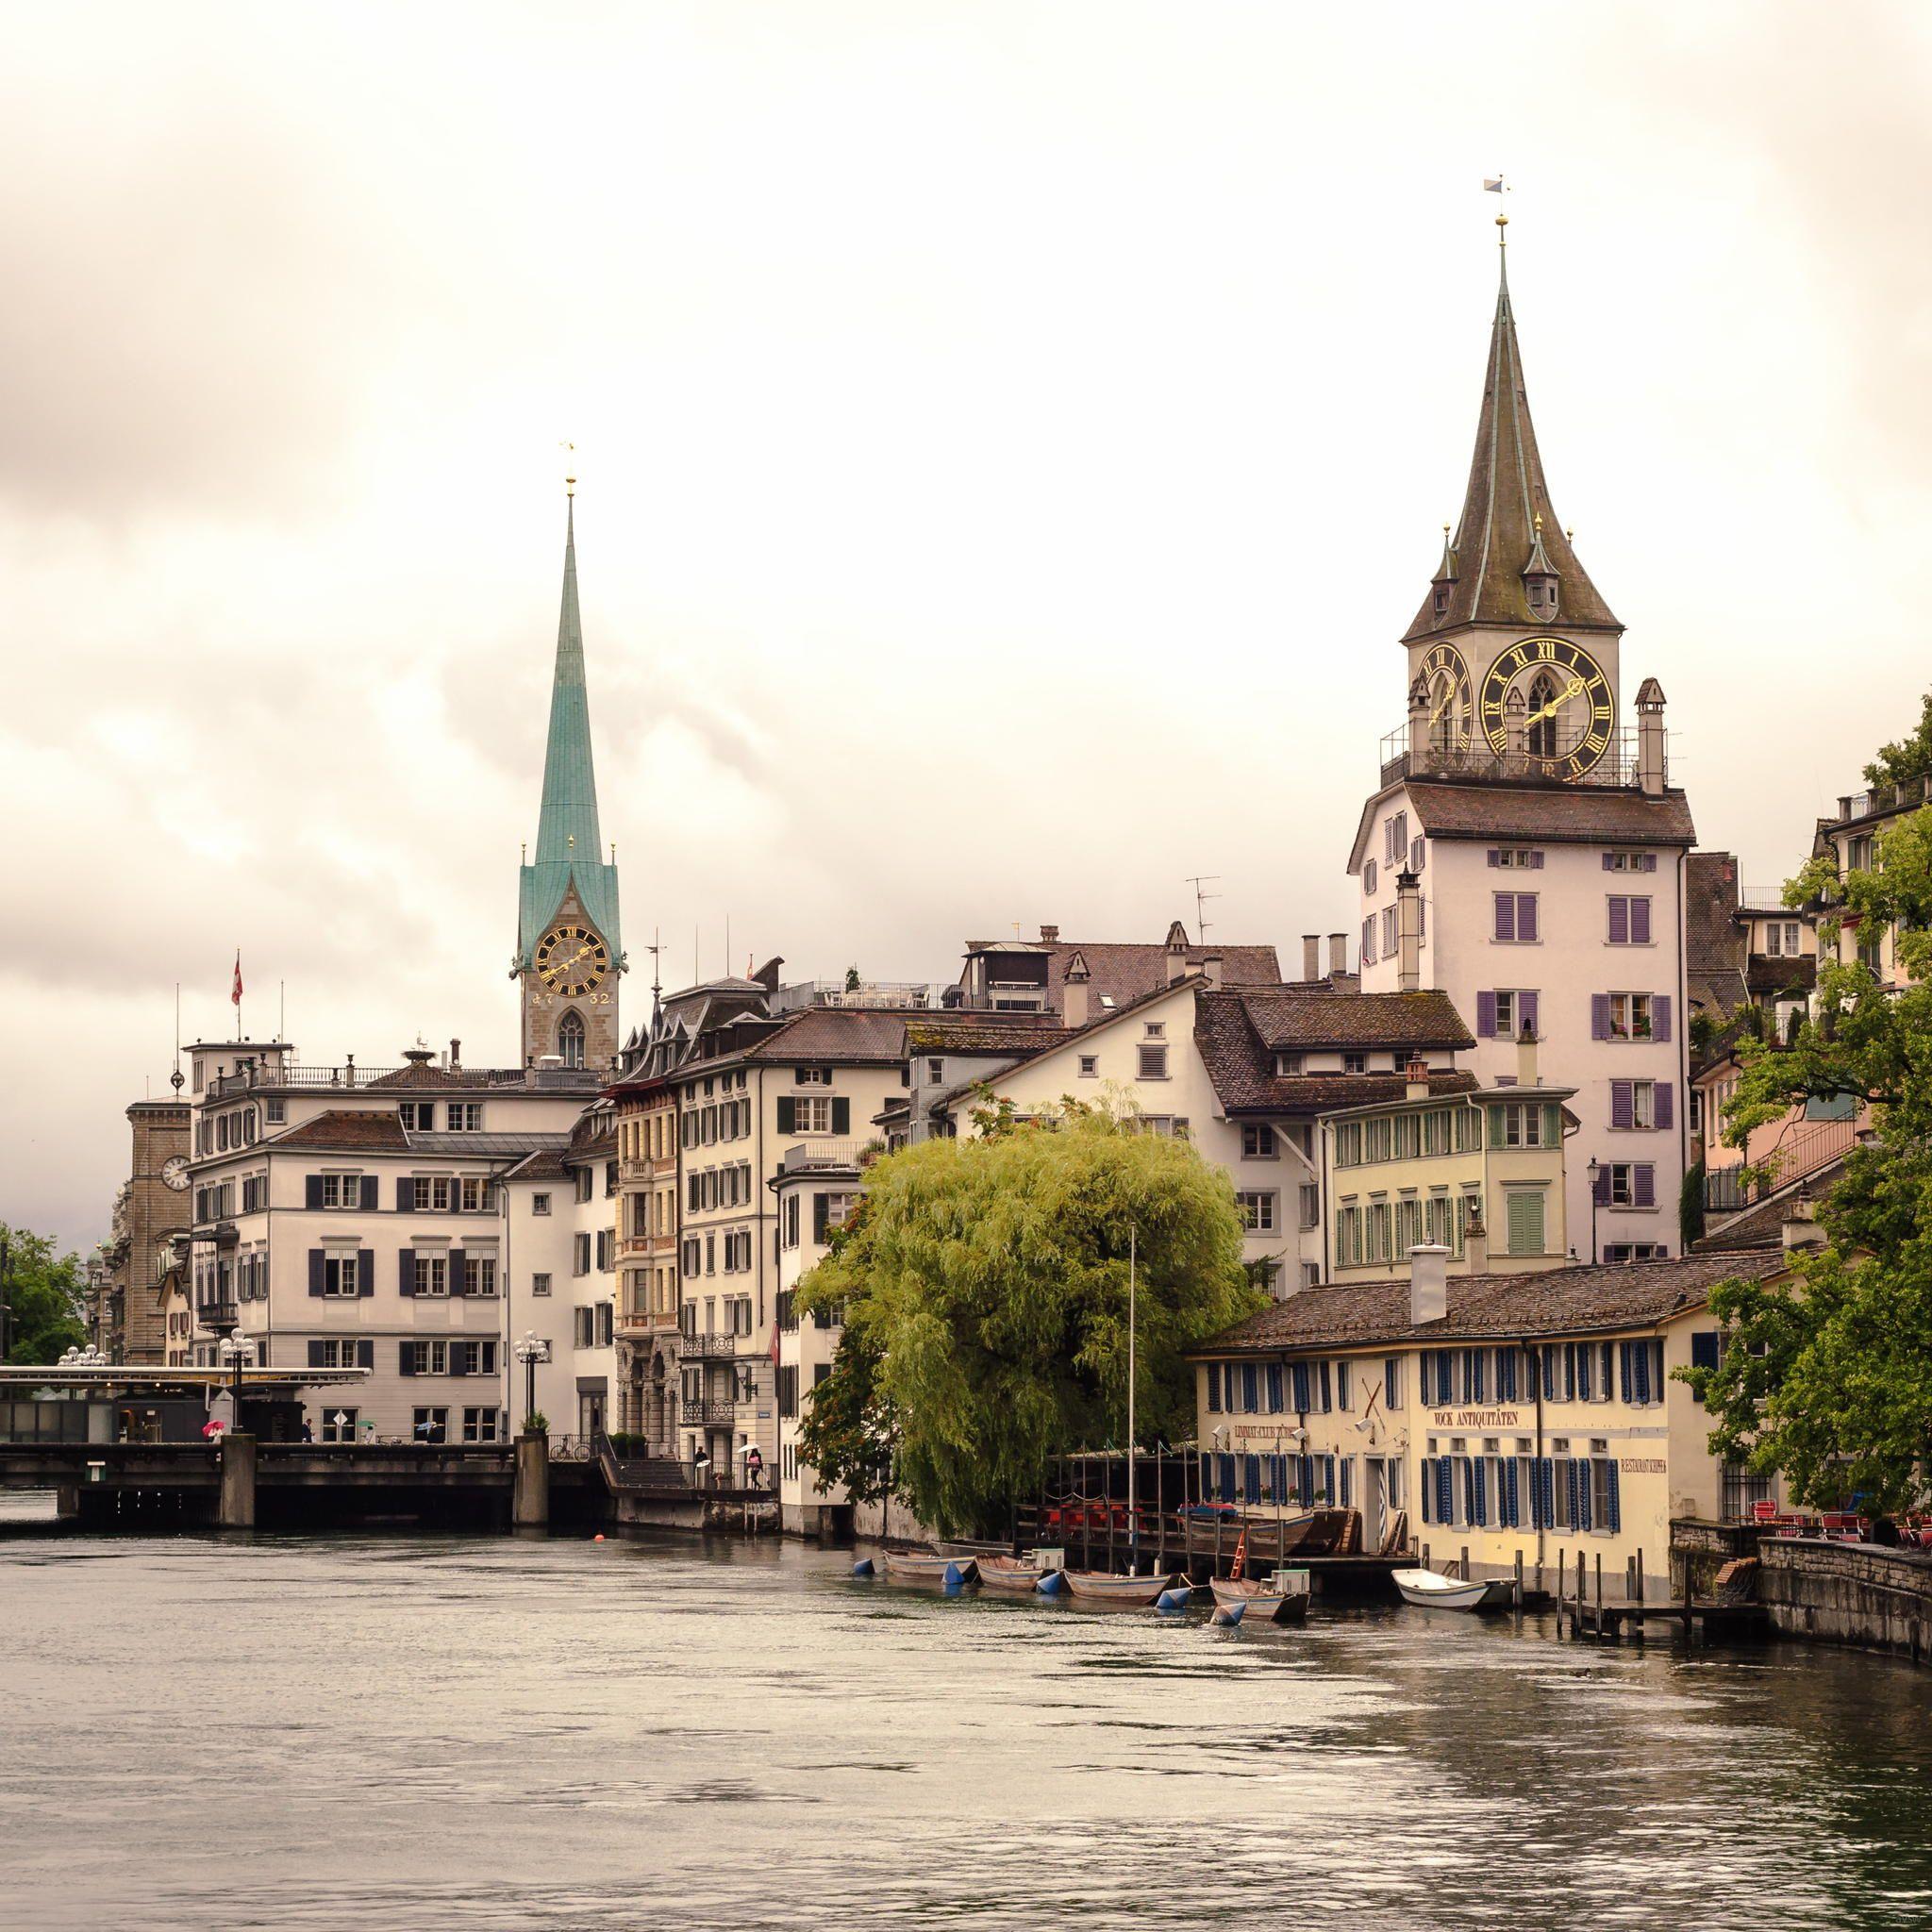 Zurich by Anton Vlasov on 500px